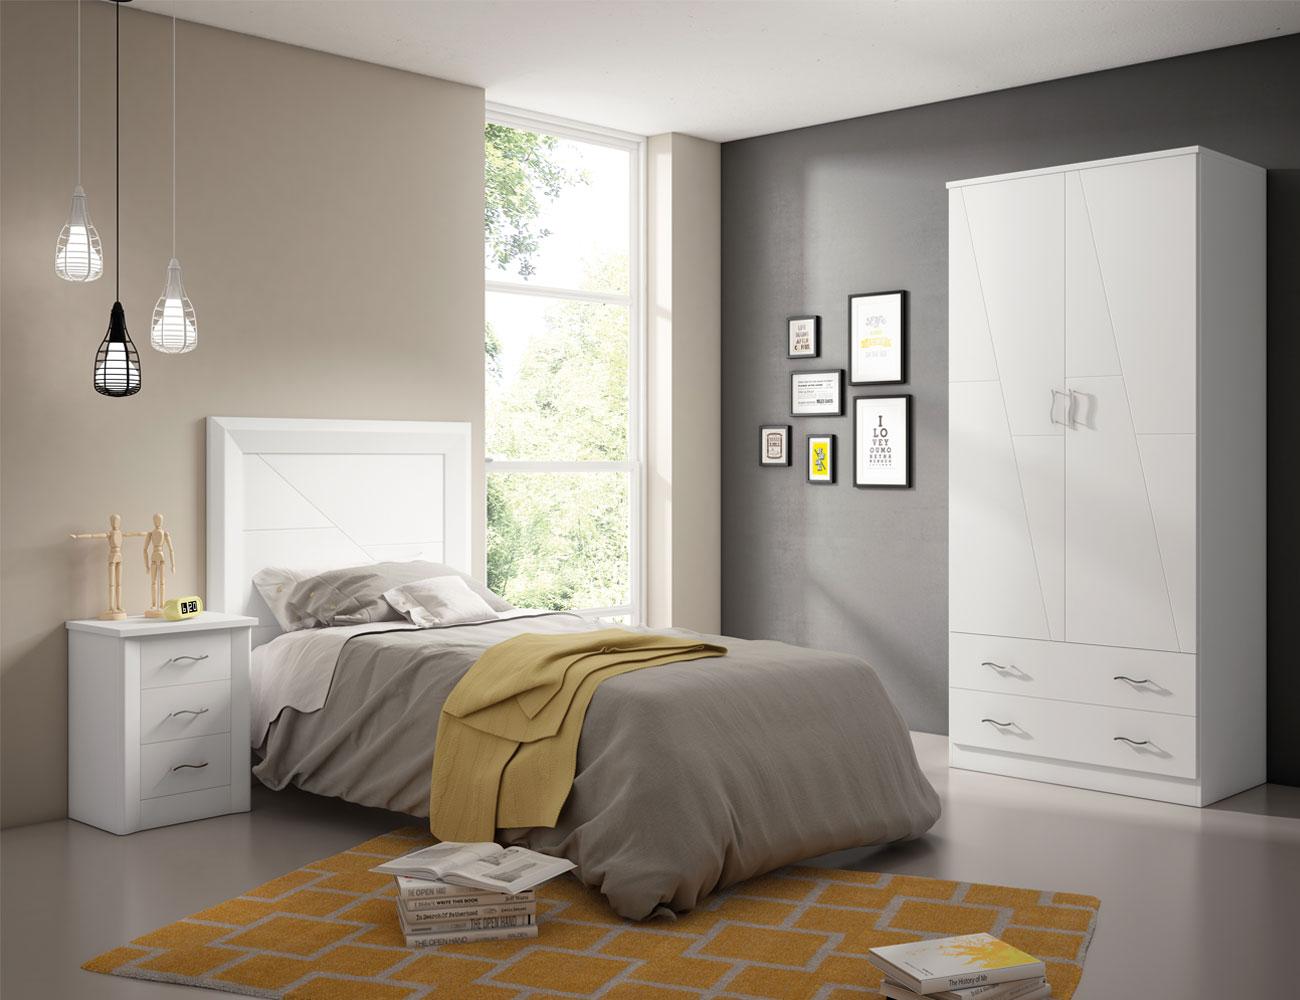 5 dormitorio juvenil madera blanco lacado